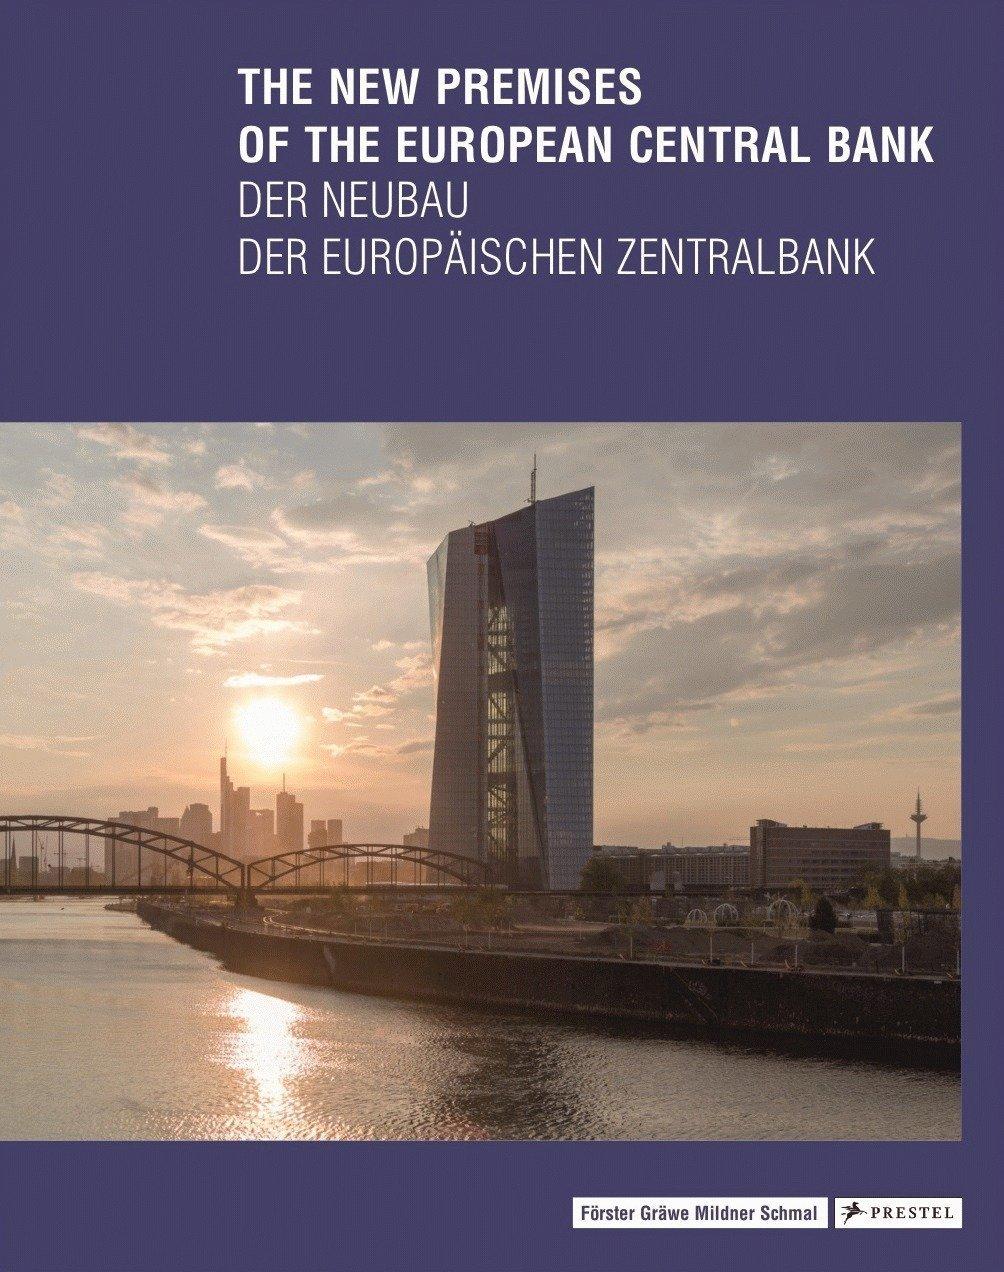 The New Premises of the European Central Bank - Der Neubau der Europäischen Zentralbank (Englisch) Gebundenes Buch – 30. Oktober 2017 Peter Cachola Schmal Yorck Förster Christina Gräwe Prestel Verlag